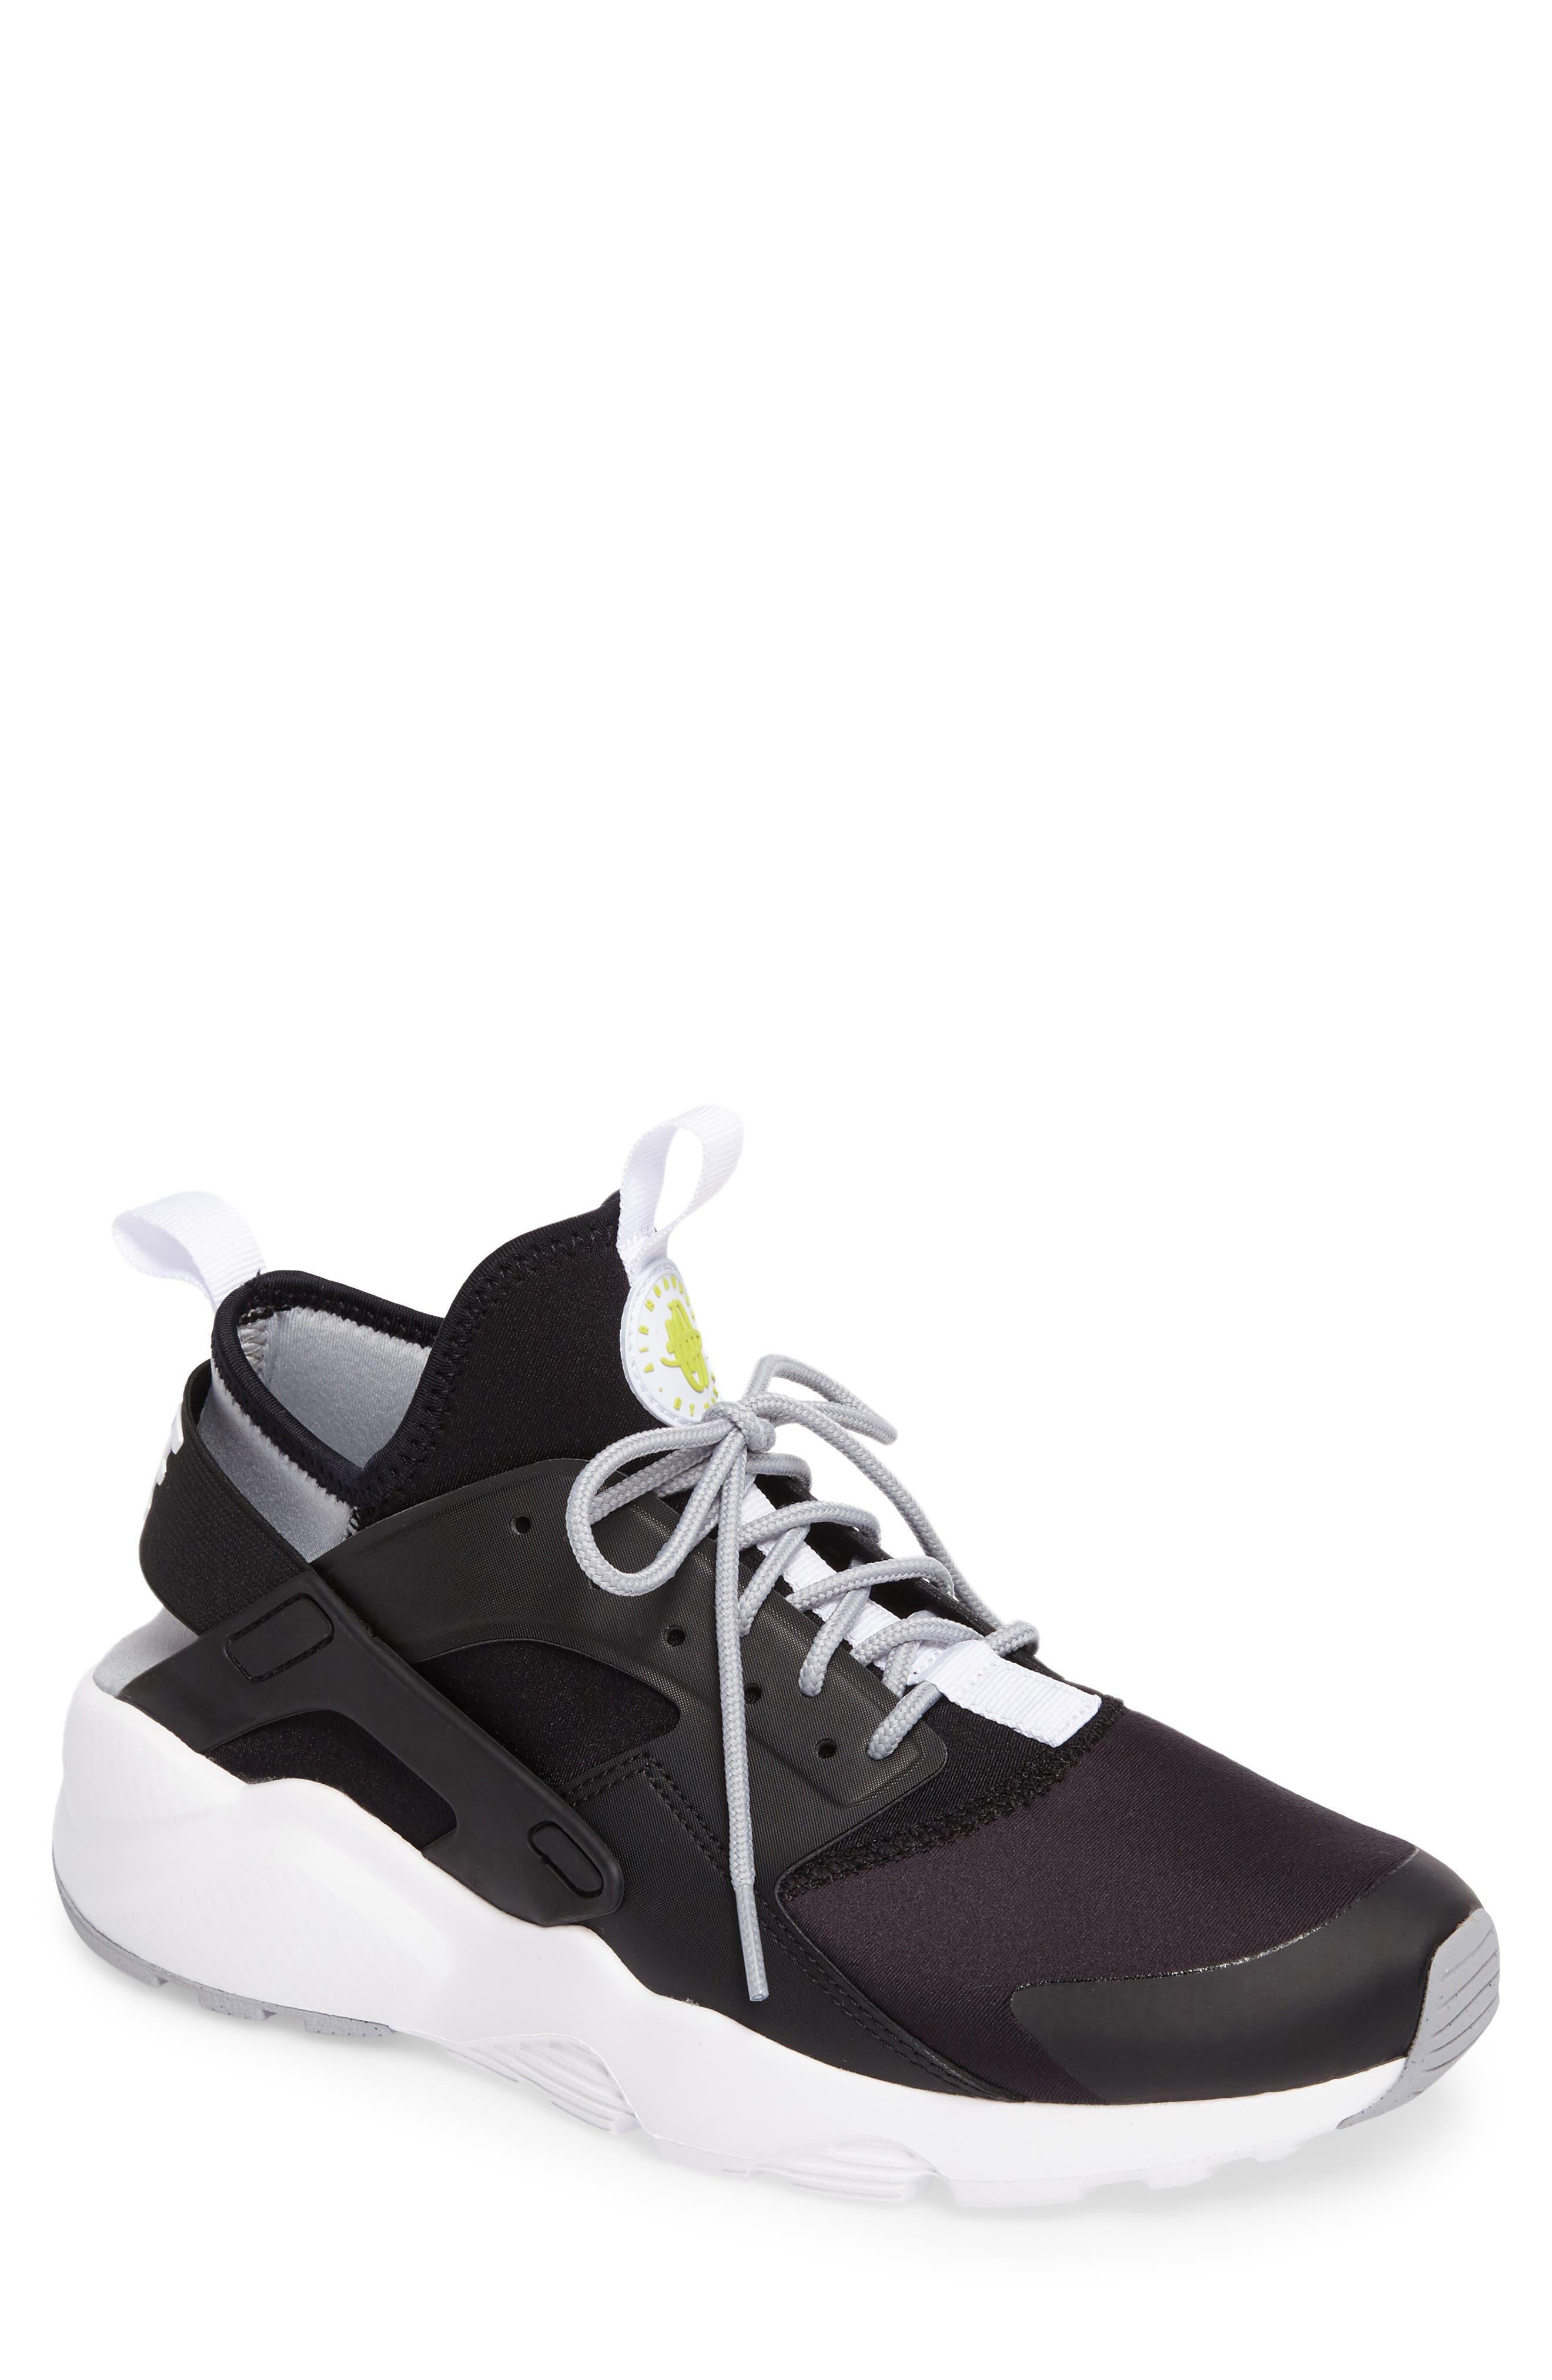 Main Image - Nike 'Air Huarache Run Ultra' Sneaker (Men)